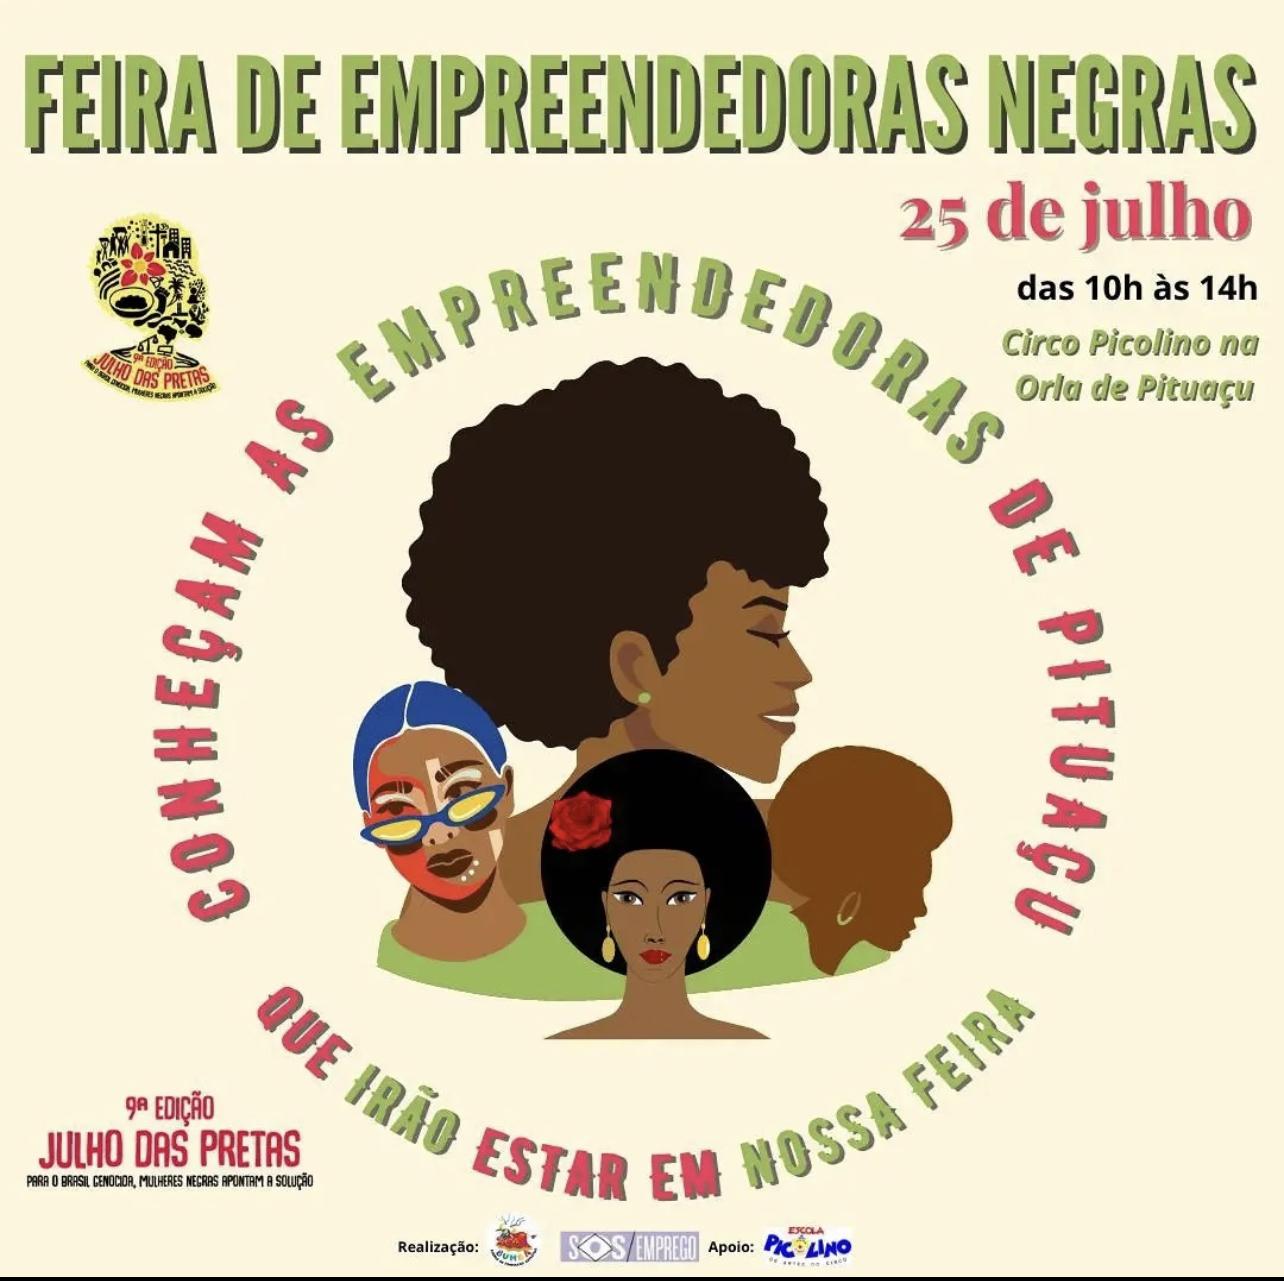 Feira de Empreendedoras Negras celebra o Dia da Mulher Negra Latino-Americana e Caribenha